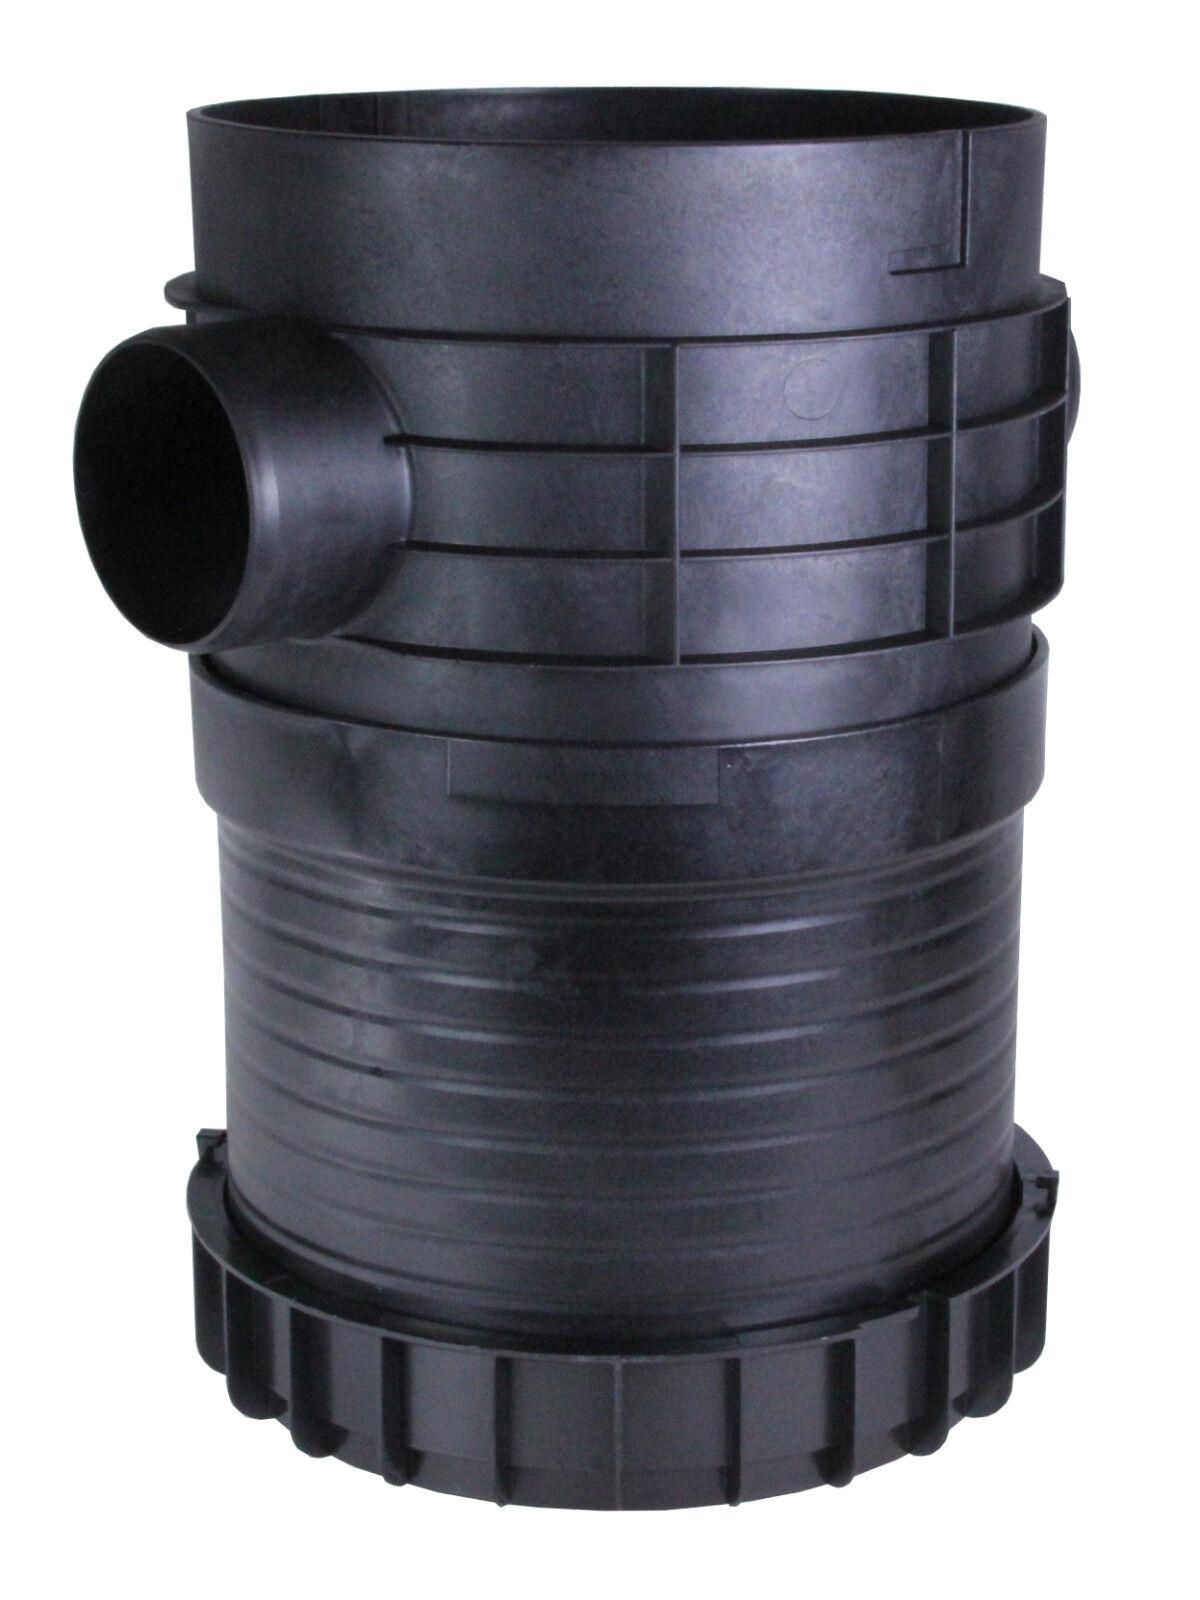 Plurafit abwassersammel-, de distribución y cámara de inspección + plurafit capuchón